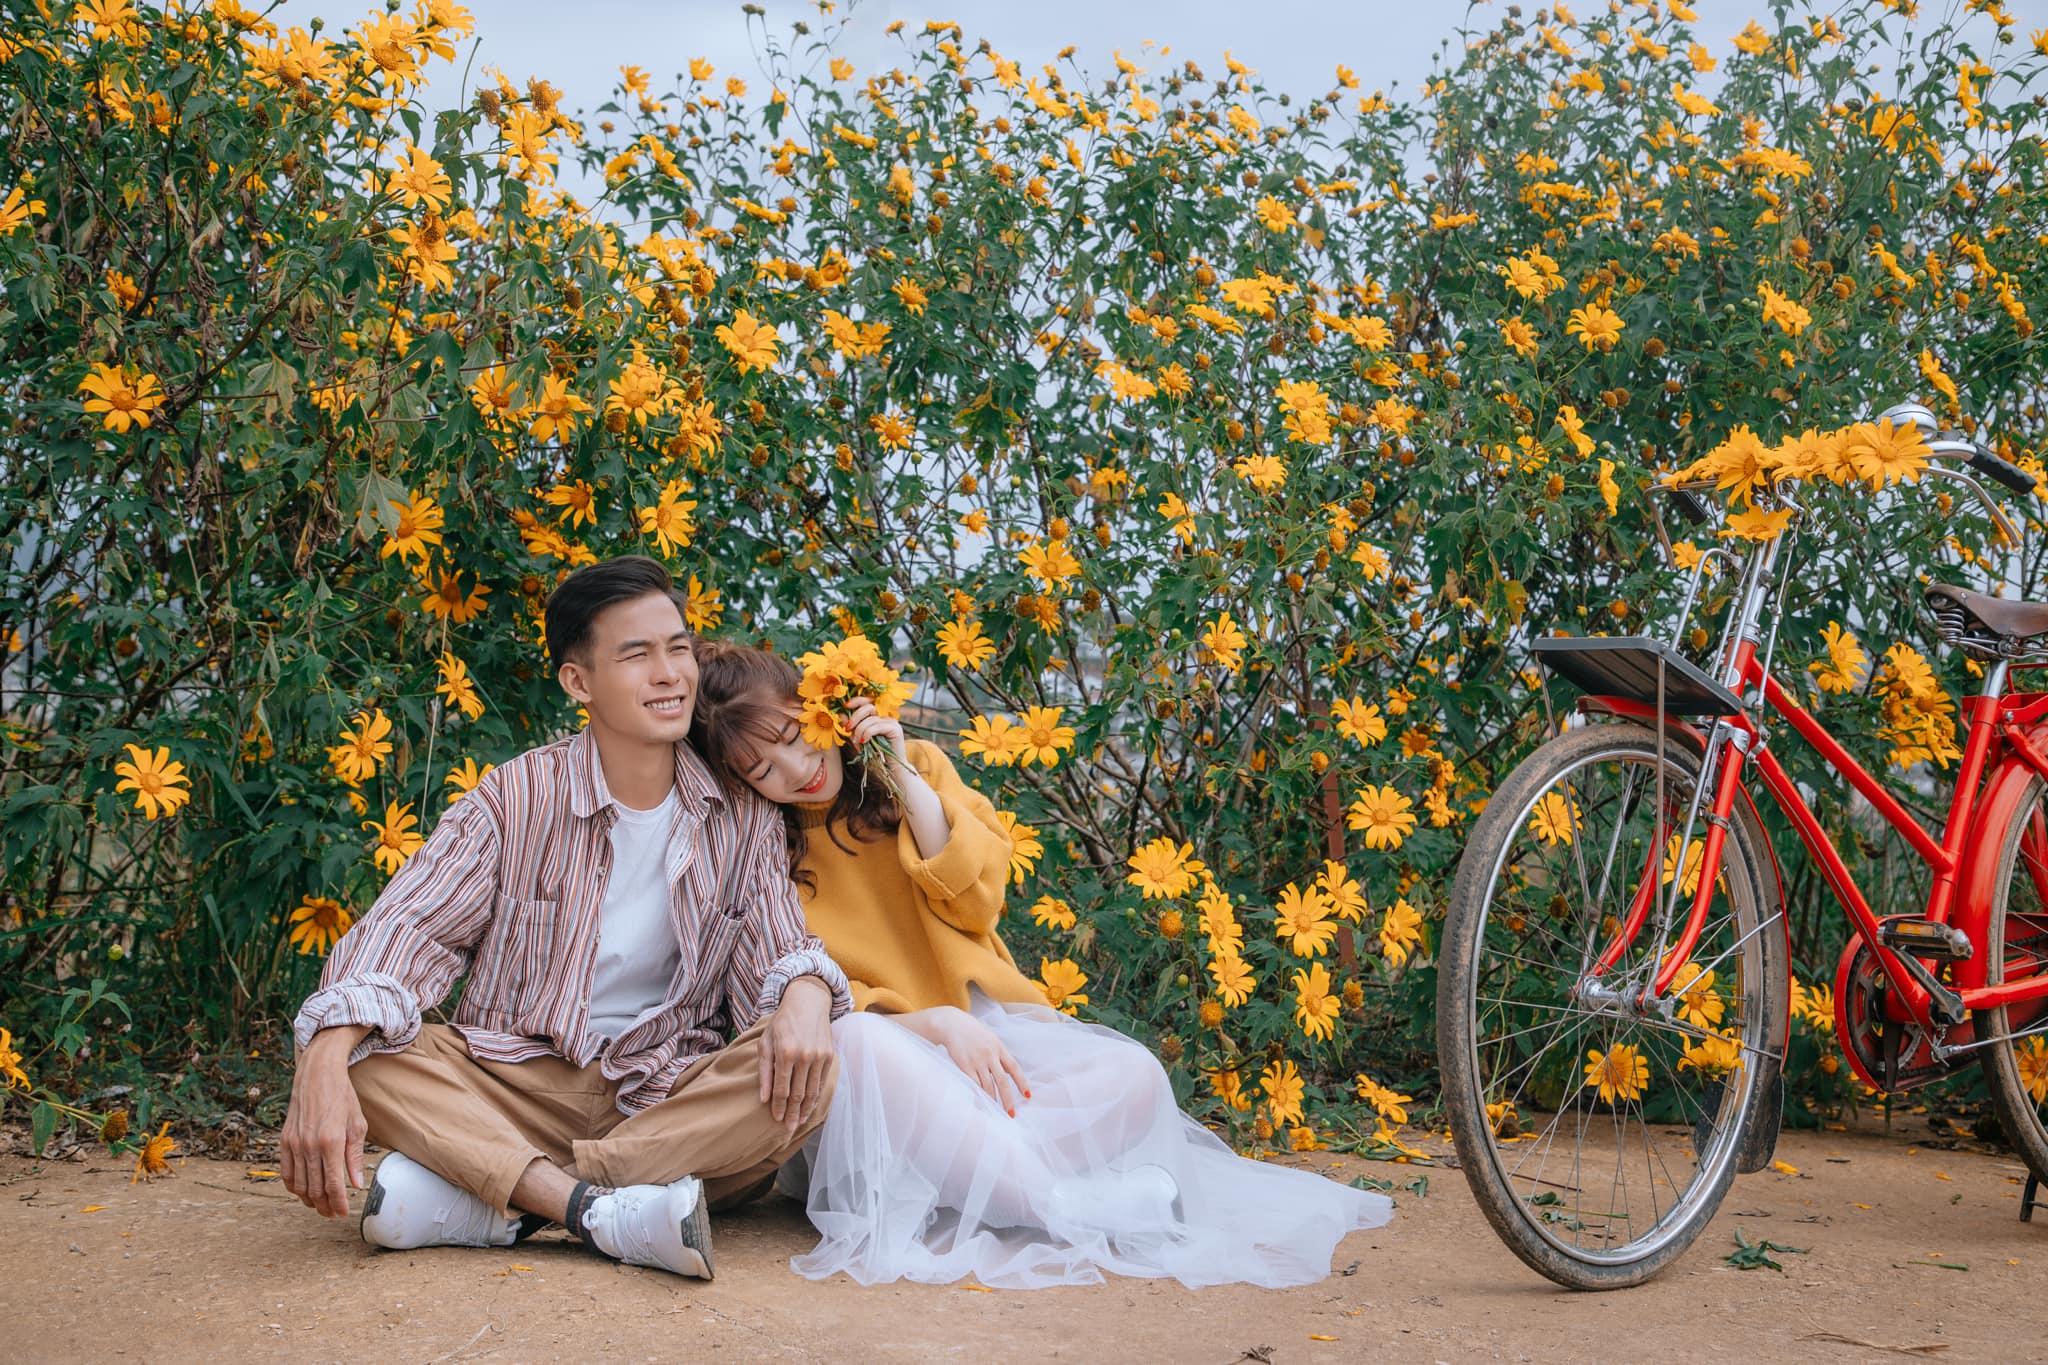 Ngắm Đà Lạt mùa hoa dã quỳ qua bộ ảnh lãng mạn của cặp đôi trẻ - Ảnh 2.